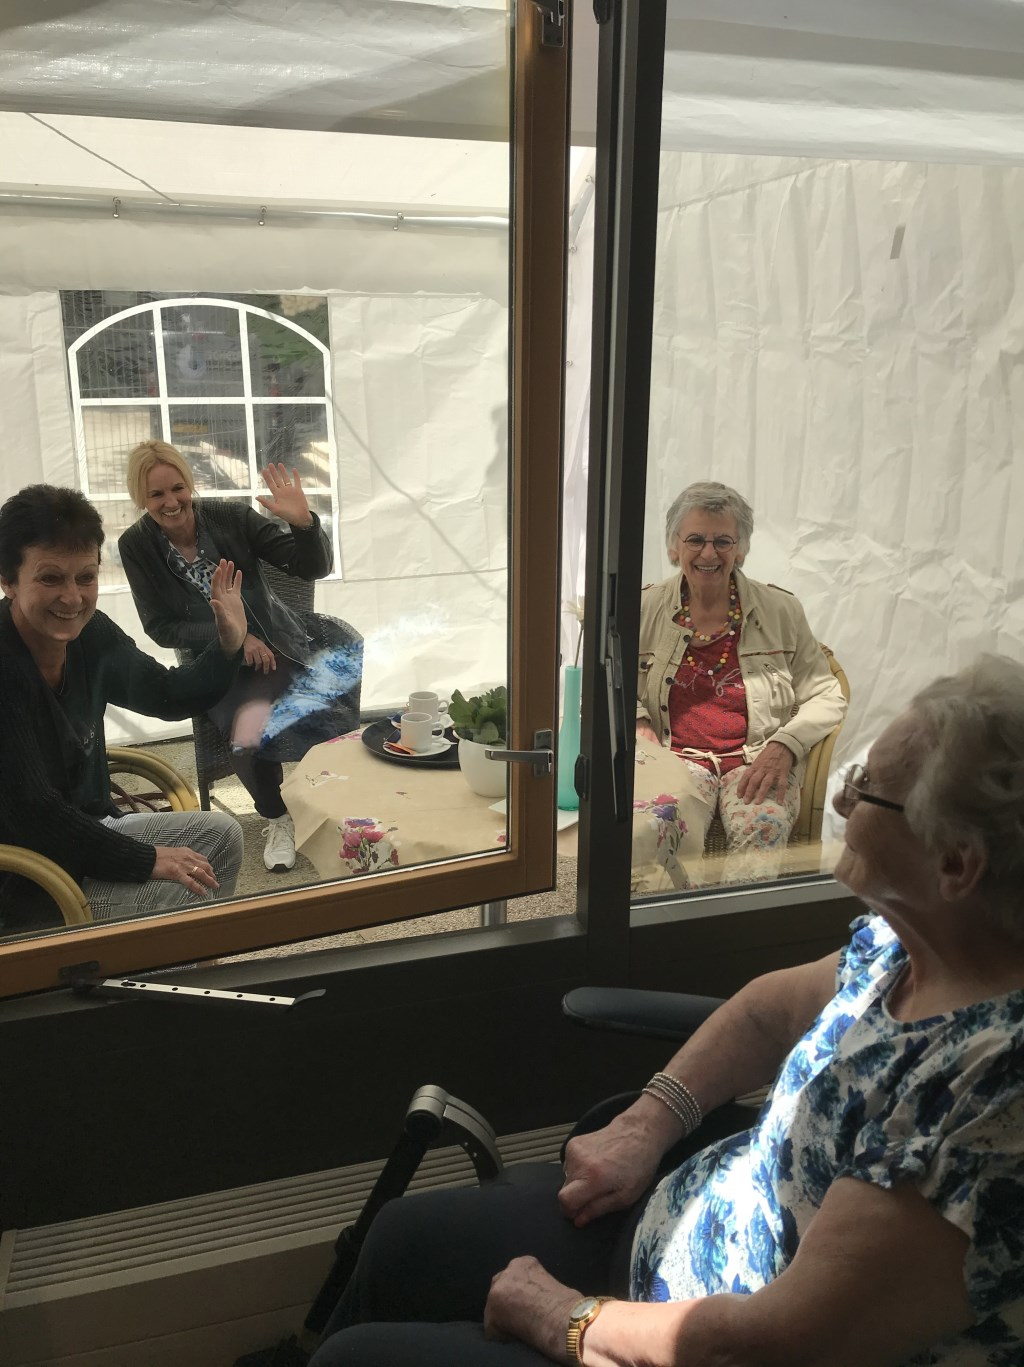 Familie Schuurmans heeft een ontmoetingsmoment in het Mgr. Bekkershuis.  © Kliknieuws Veghel